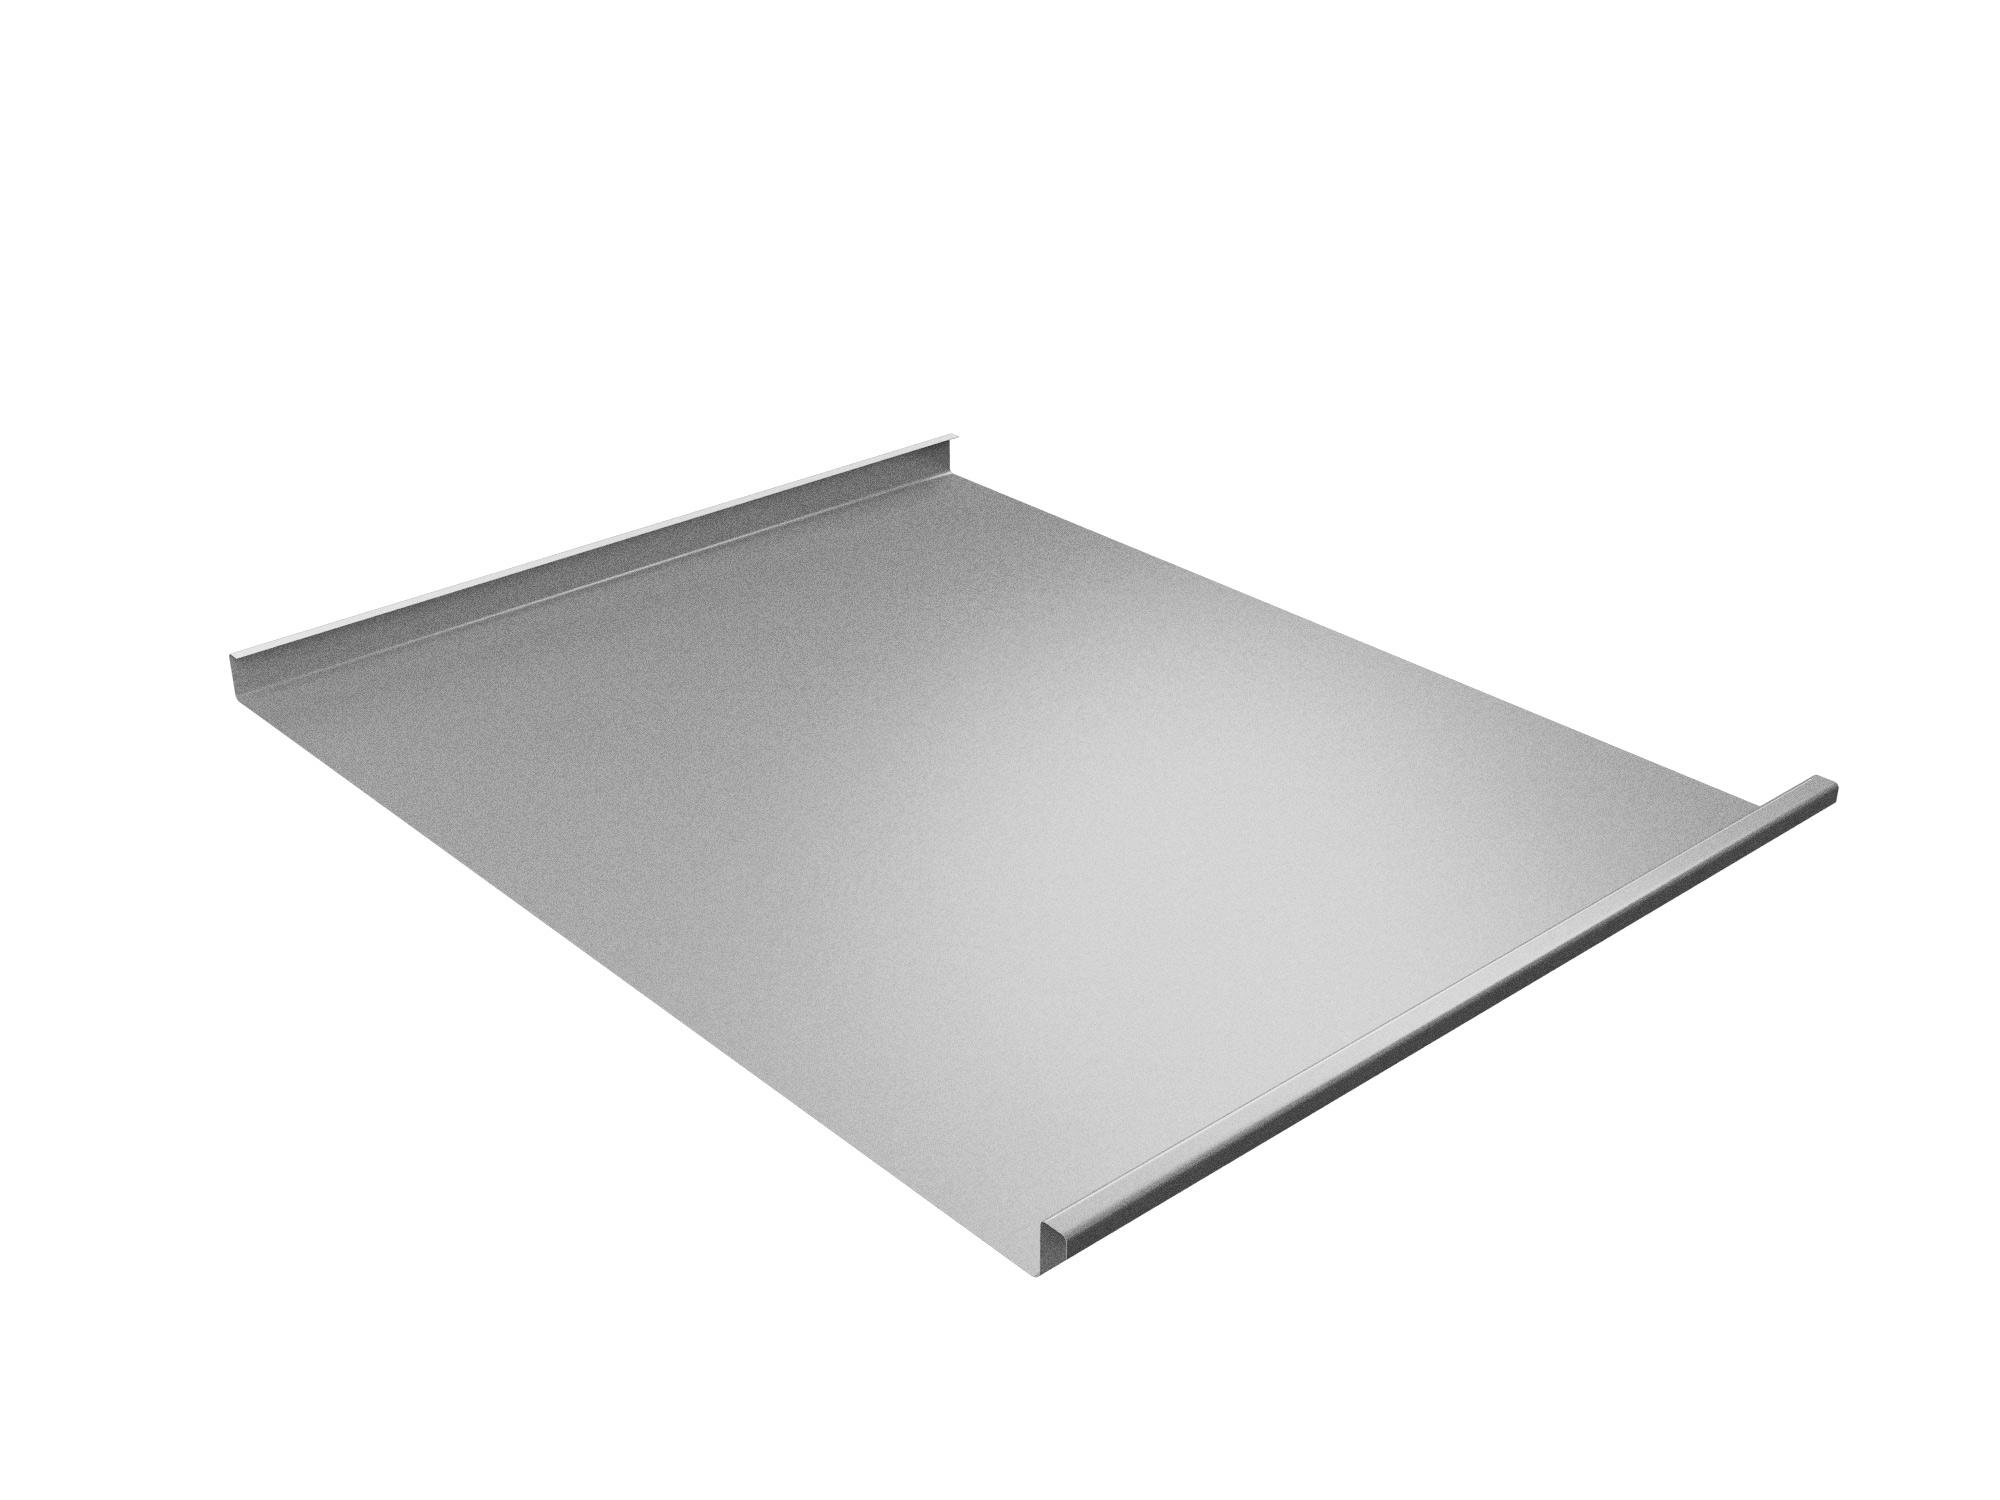 Панель двойной стоячий фальц Grand Line 0,45 мм, Zn